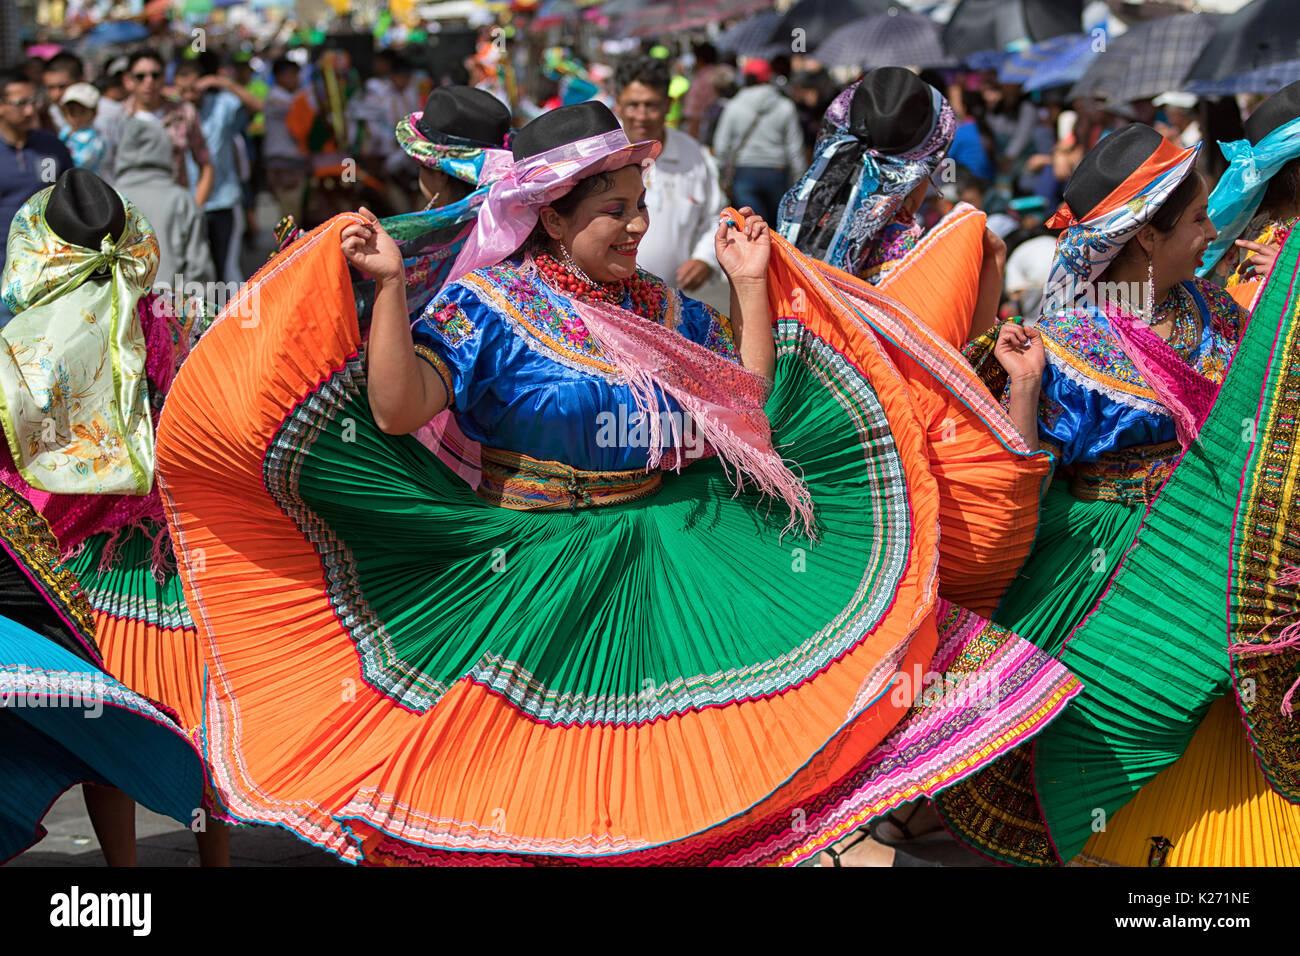 Juni 17, 2017 Pujili, Ecuador: Tänzerin in traditioneller Kleidung in Bewegung an der Corpus Christi jährliche Parade Stockbild